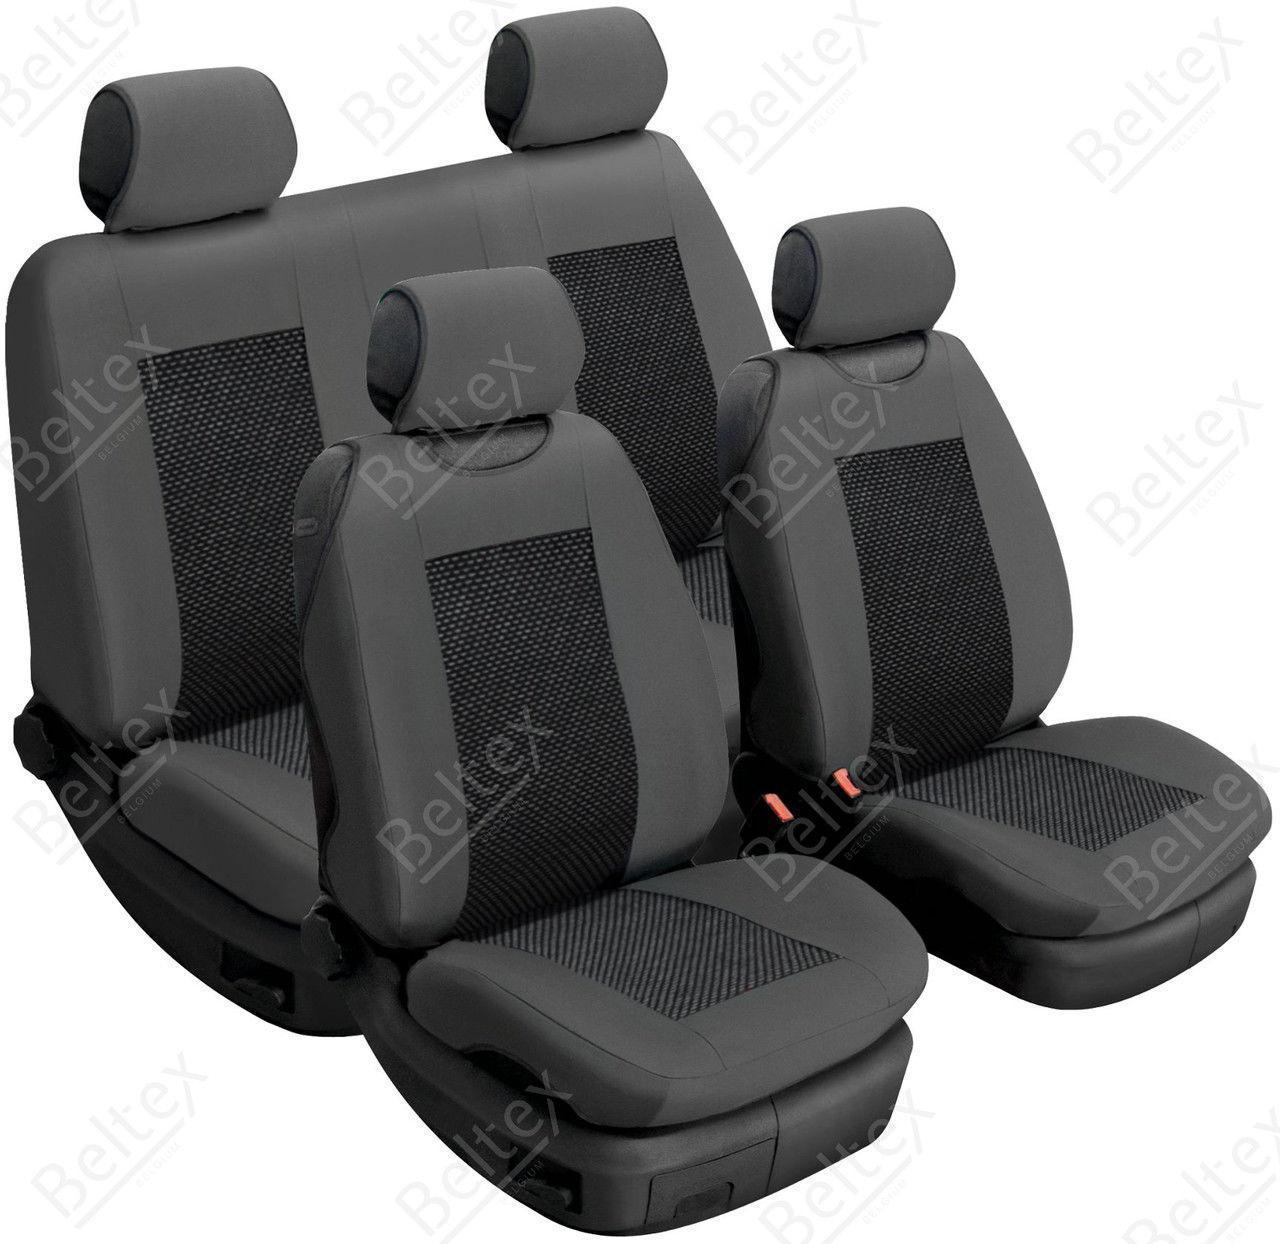 Майки/чехлы на сиденья Сеат Алтея Фритрек (Seat Altea  Freetrack)